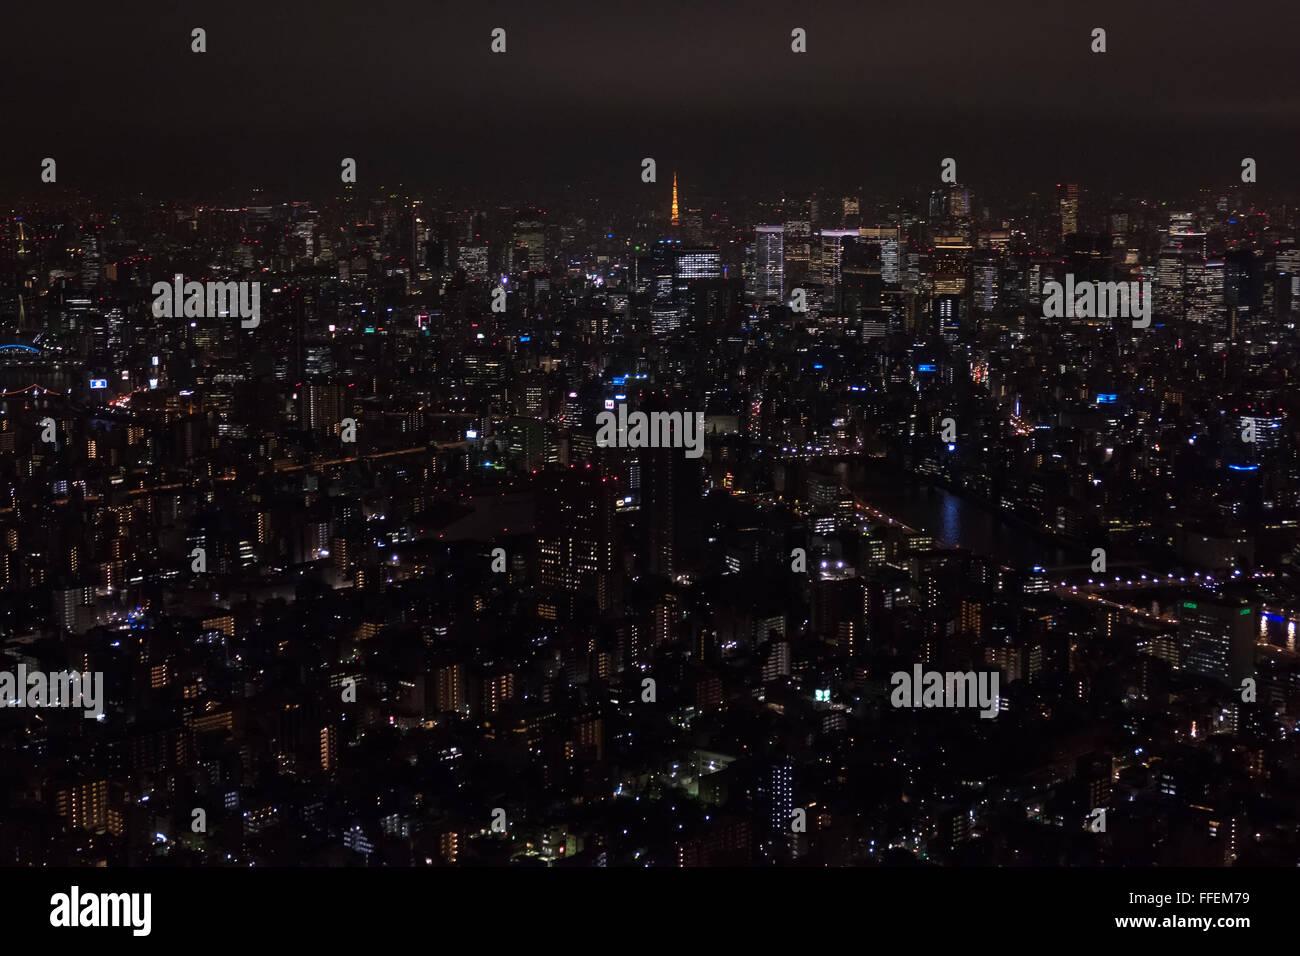 Tokio, Japan, Asien. Panoramablick auf die Stadt bei Nacht vom Skytree Tower. Asiatischen Stadtlandschaft, japanische Ballungsraum Stockfoto